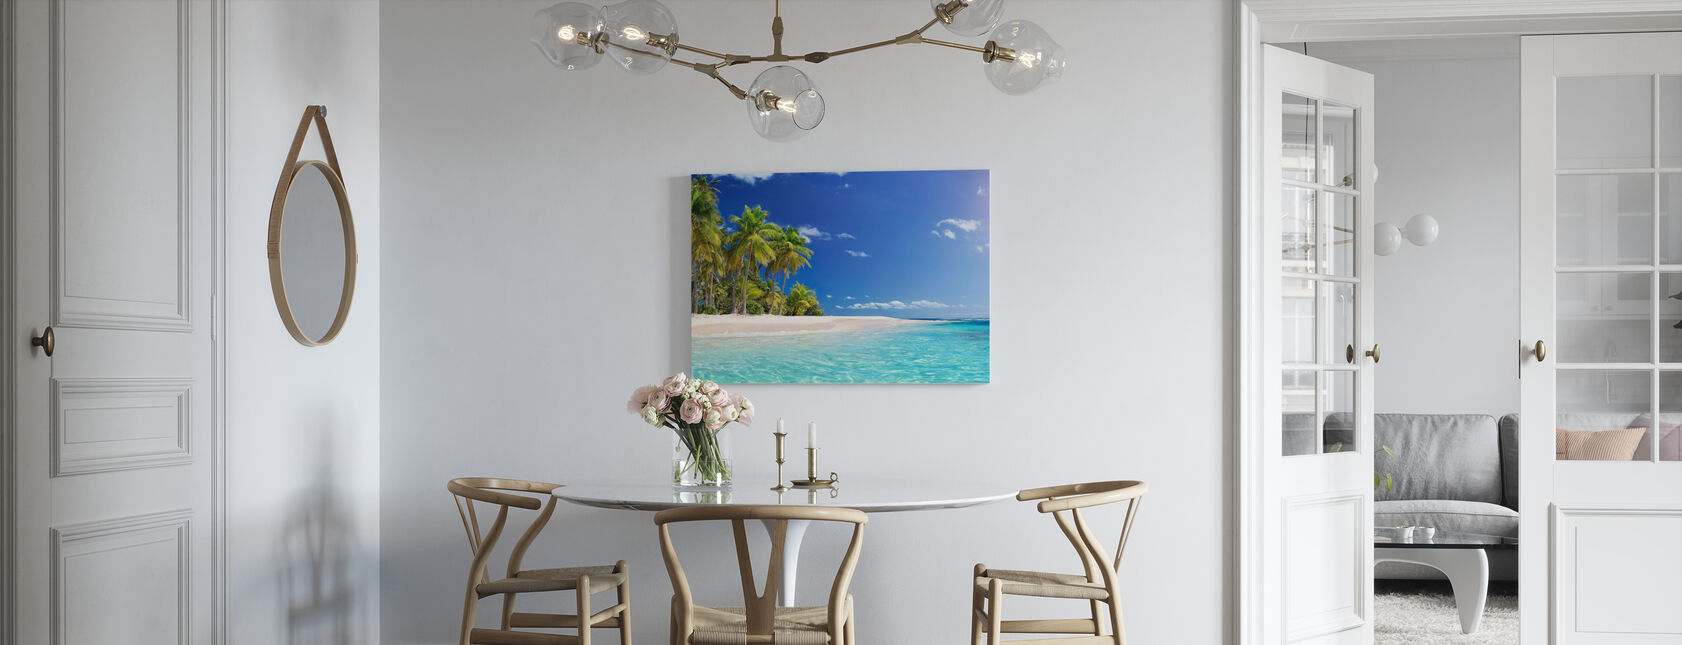 Tropical Beach Island - Canvas print - Kitchen